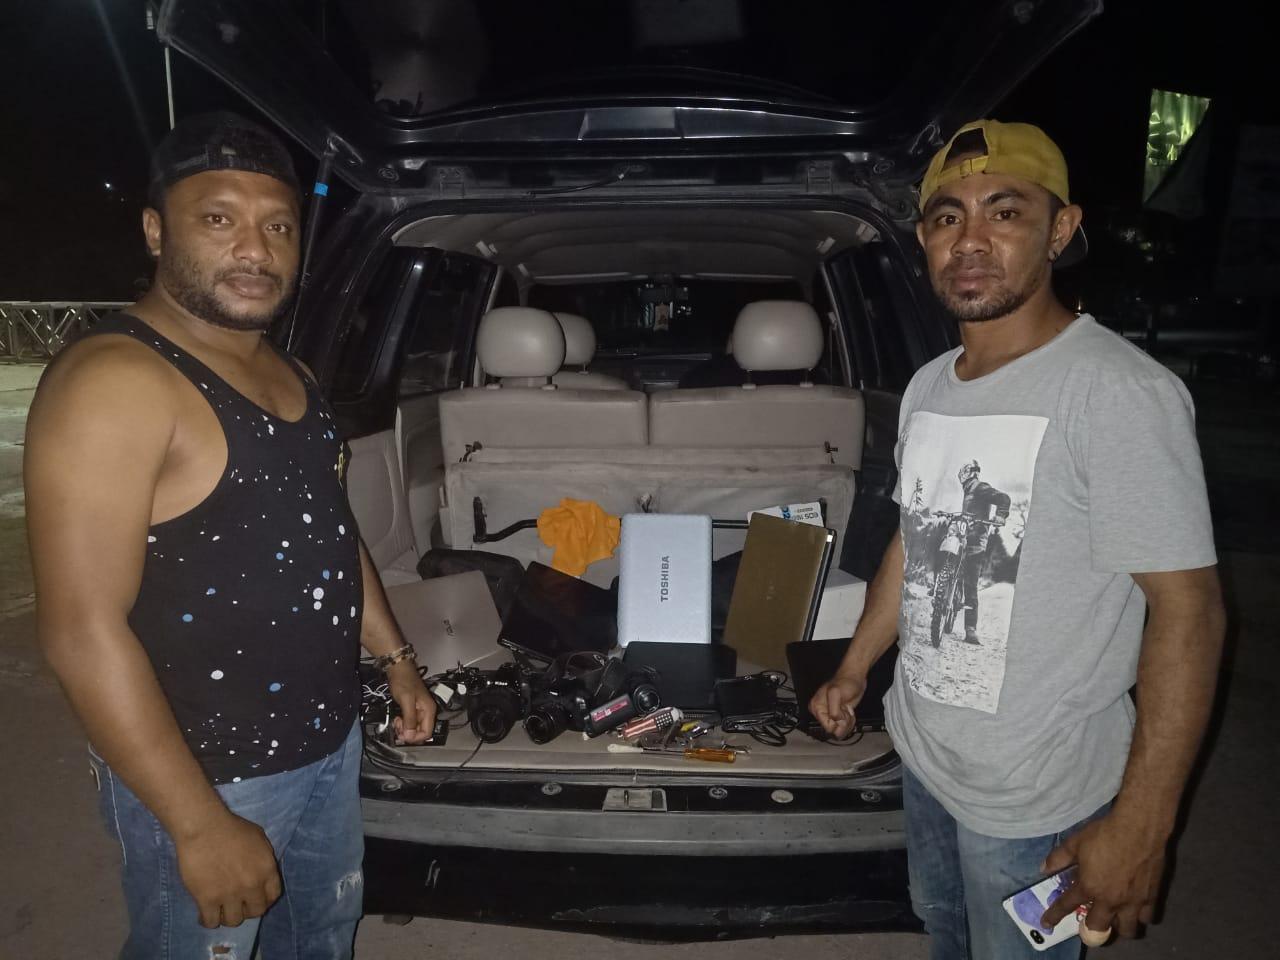 Polres Mabar Ciduk Terduga Pelaku Pencurian Spesialis Perkantoran